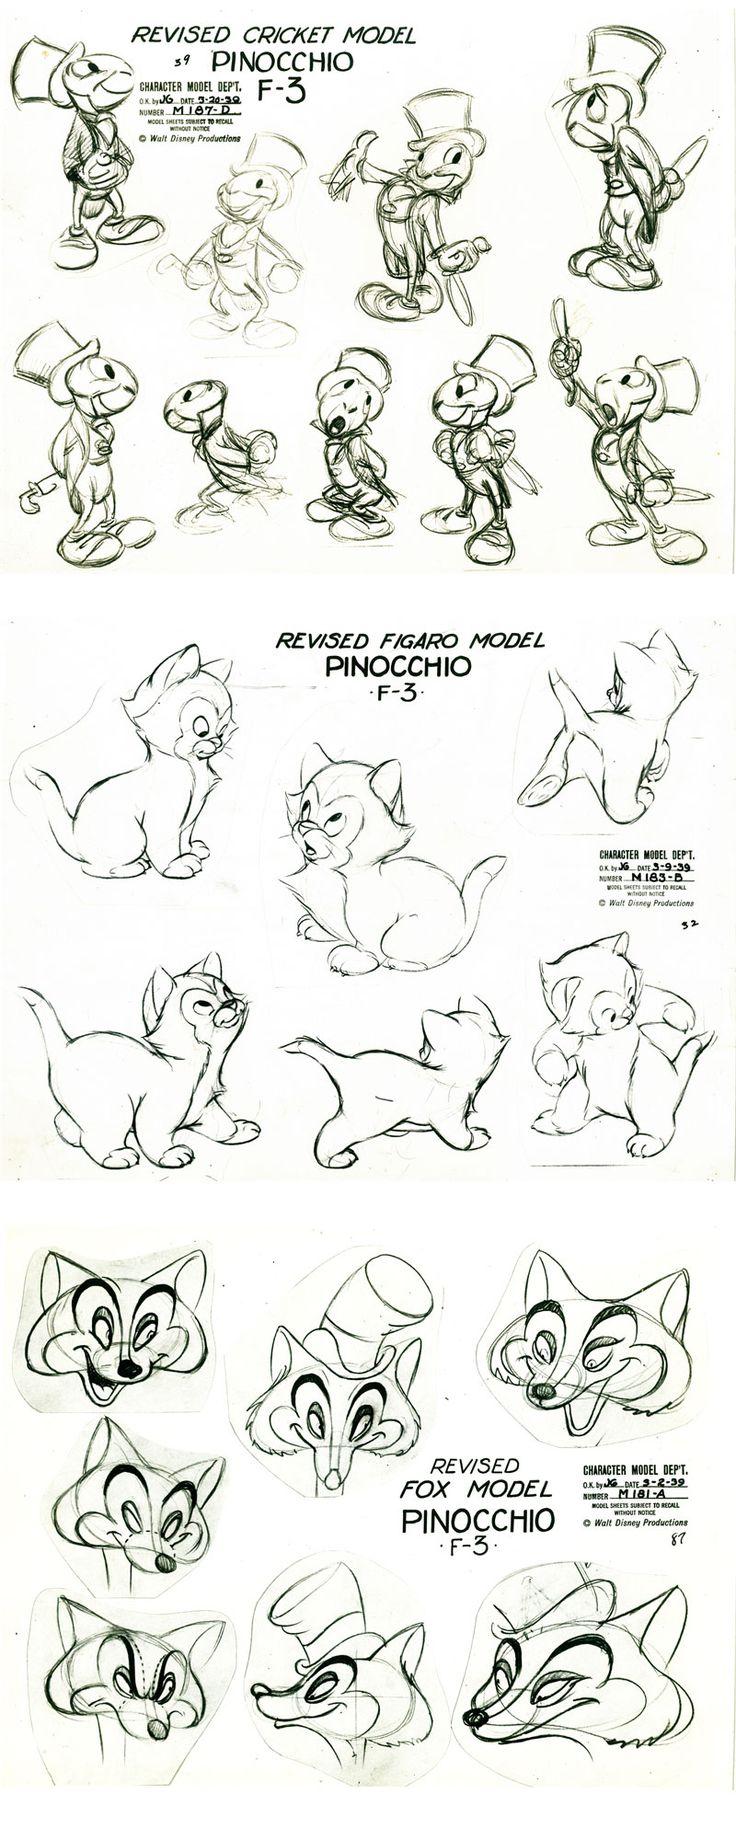 http://theconceptartblog.com/2013/01/20/model-sheets-de-filmes-e-desenhos-classicos/